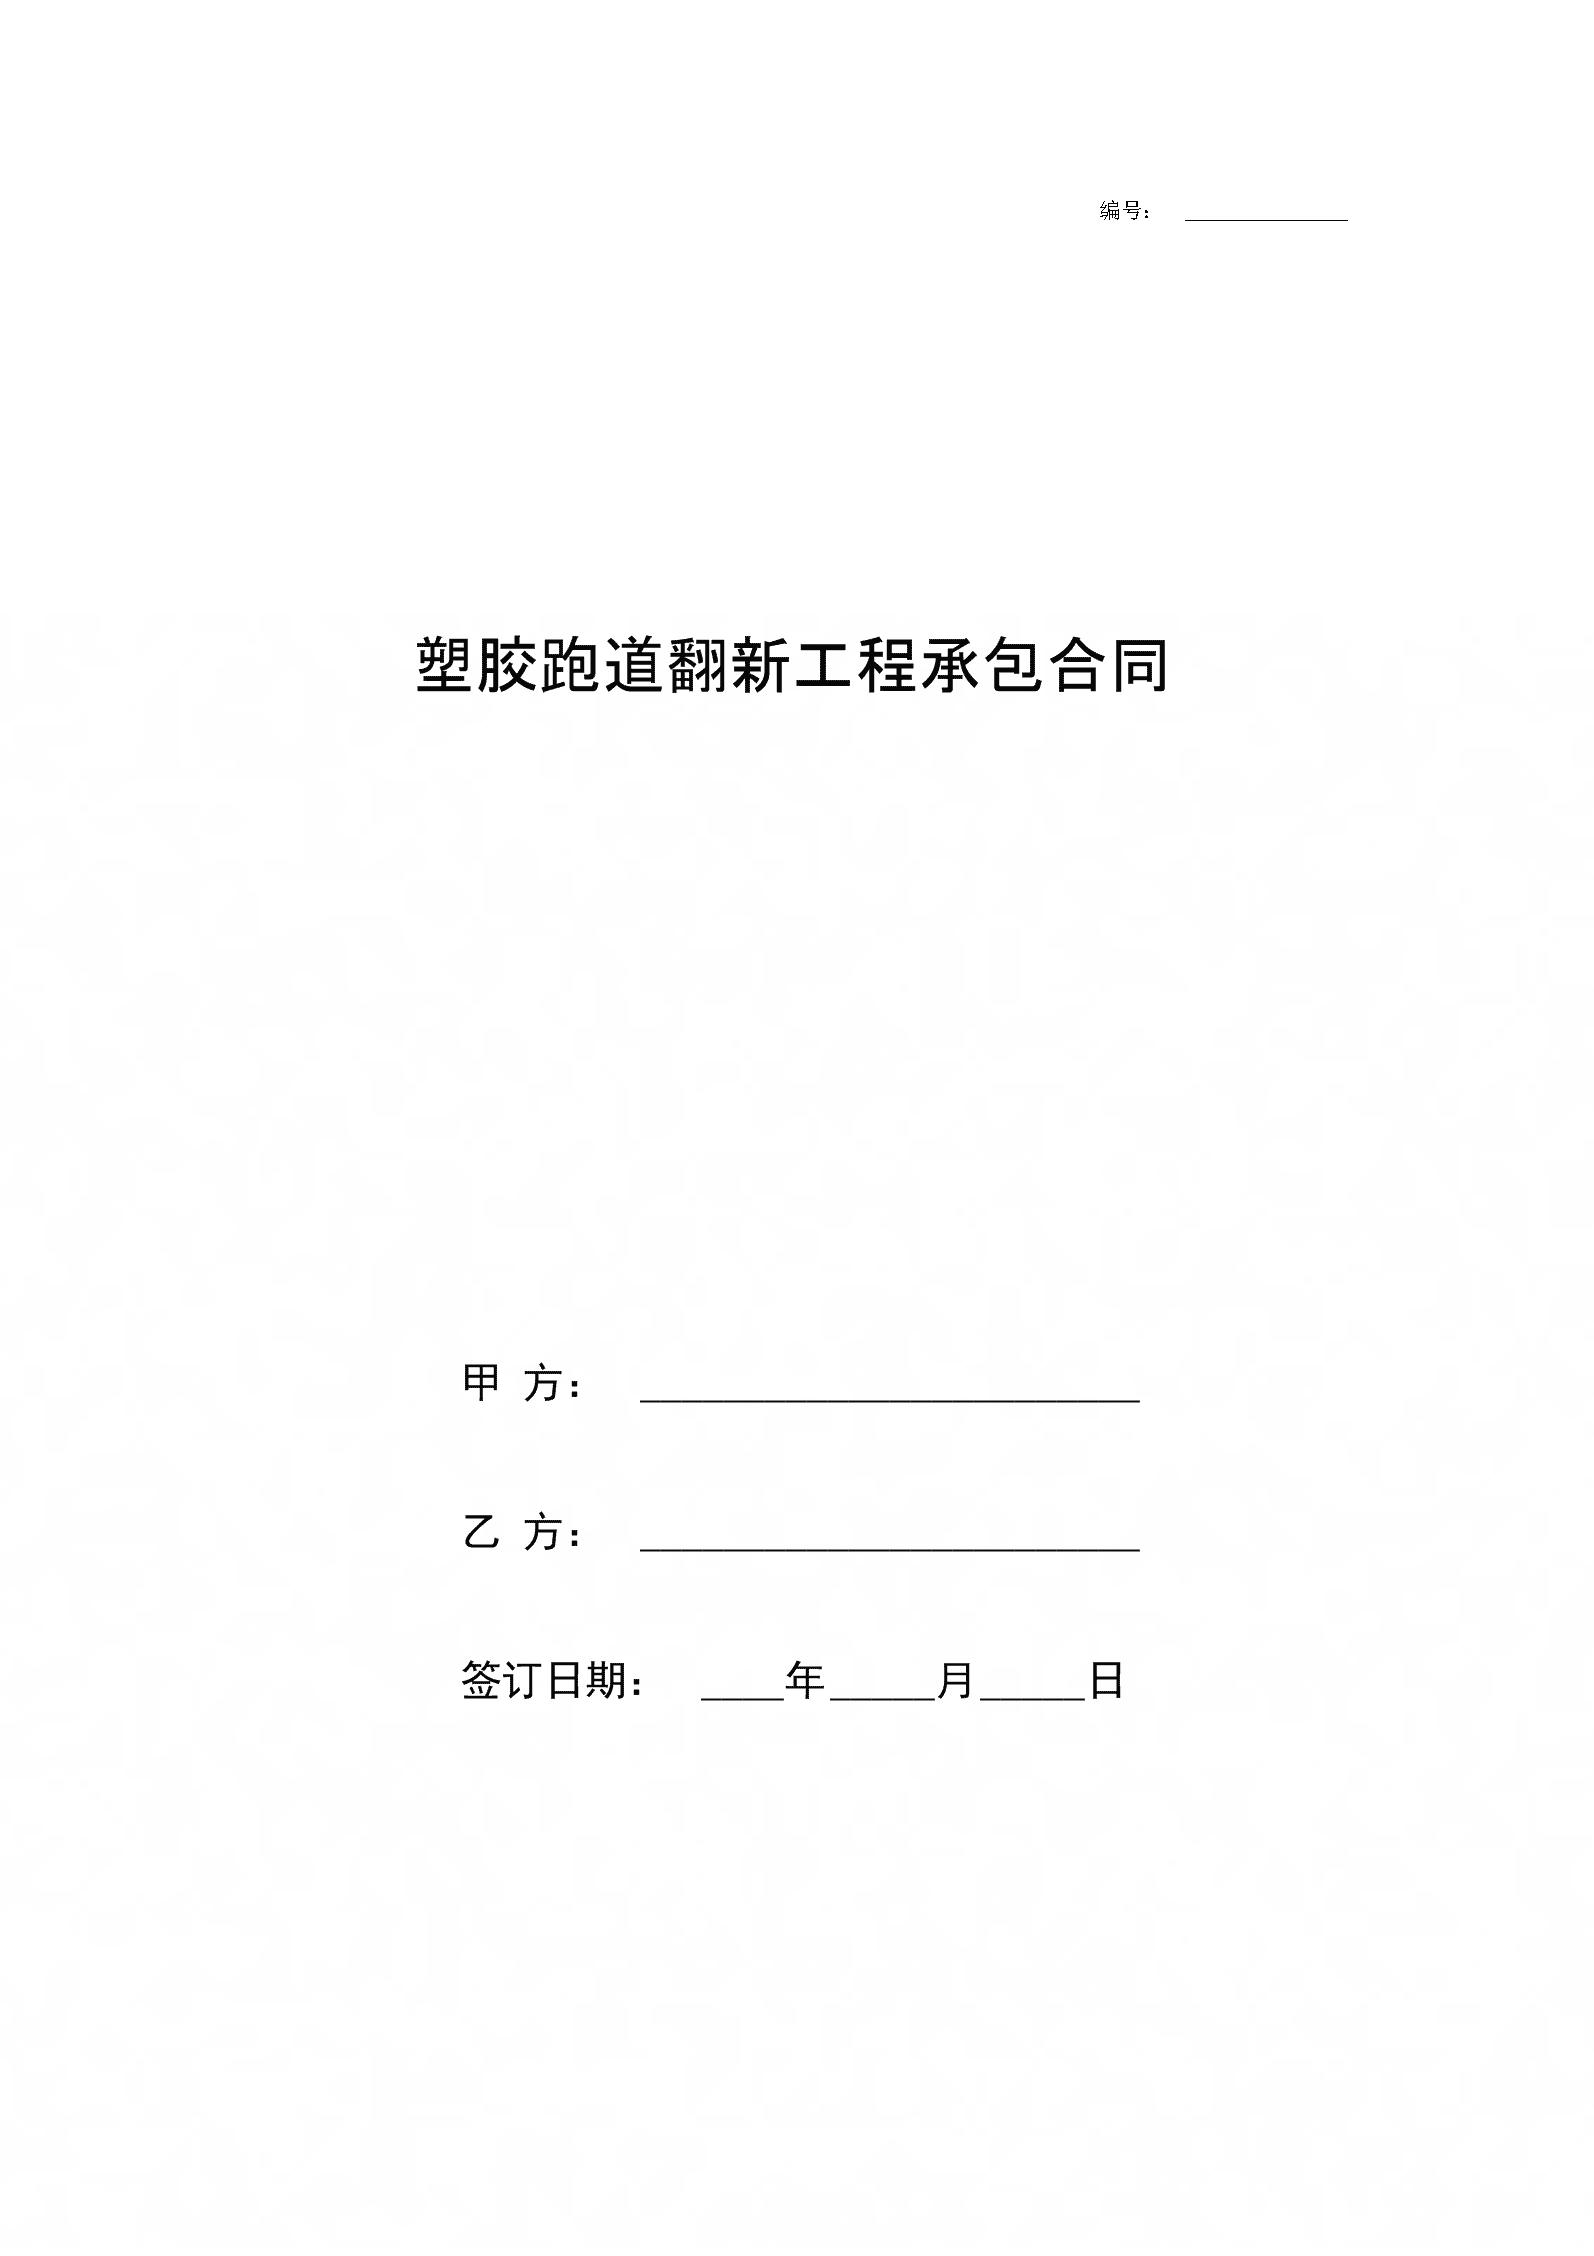 塑胶跑道翻新工程承包合同协议书范本.docx